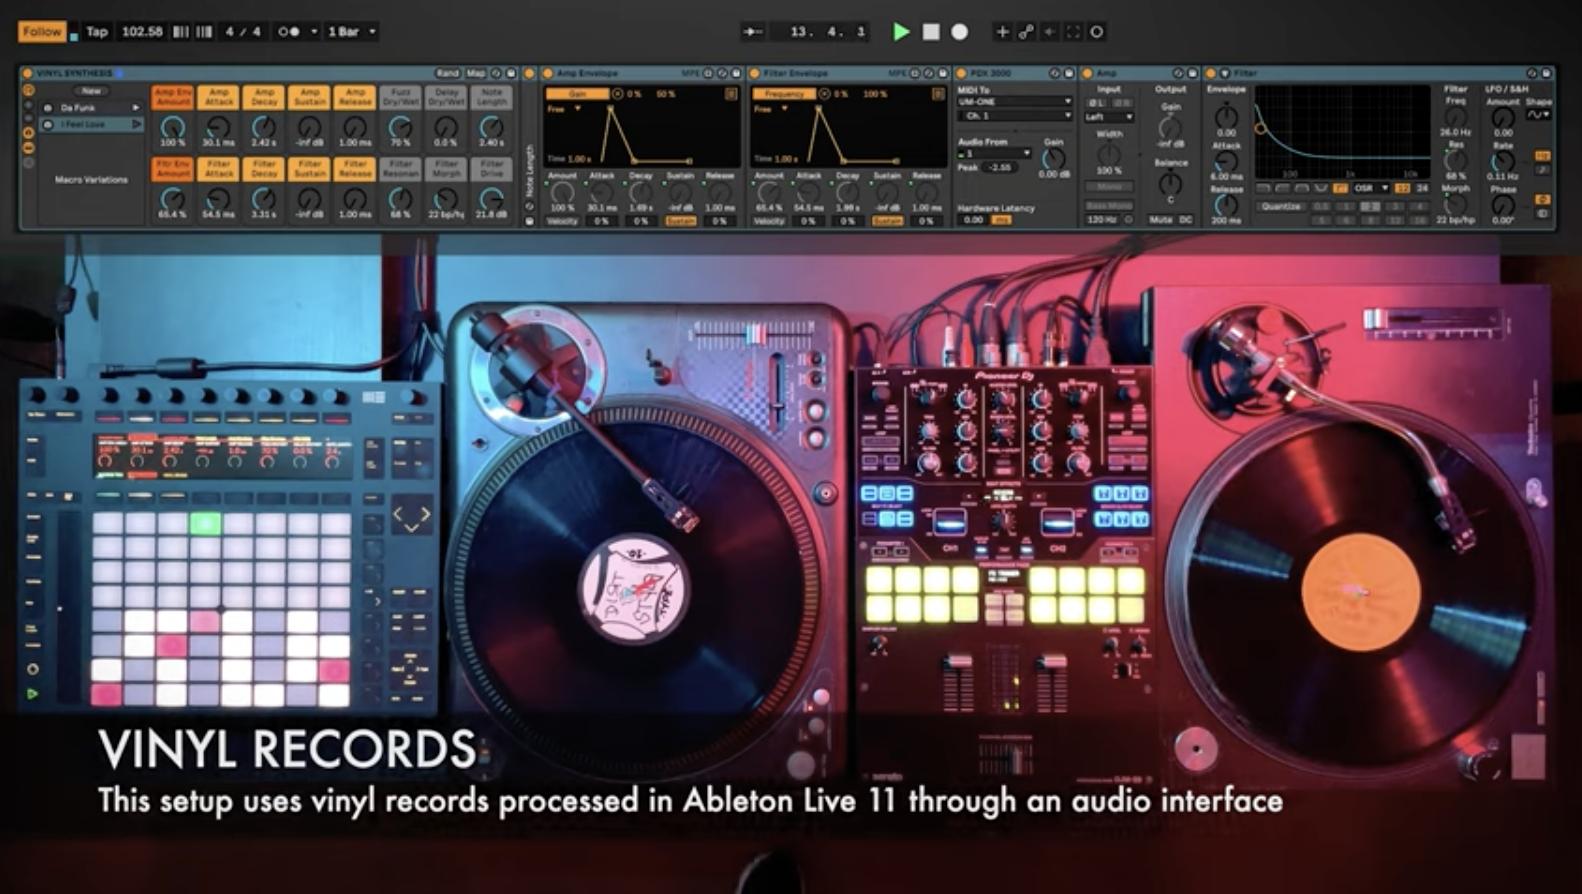 Síntesis de vinilo: reproduce + graba cadenas como sintetizadores con Ableton Live 11 6